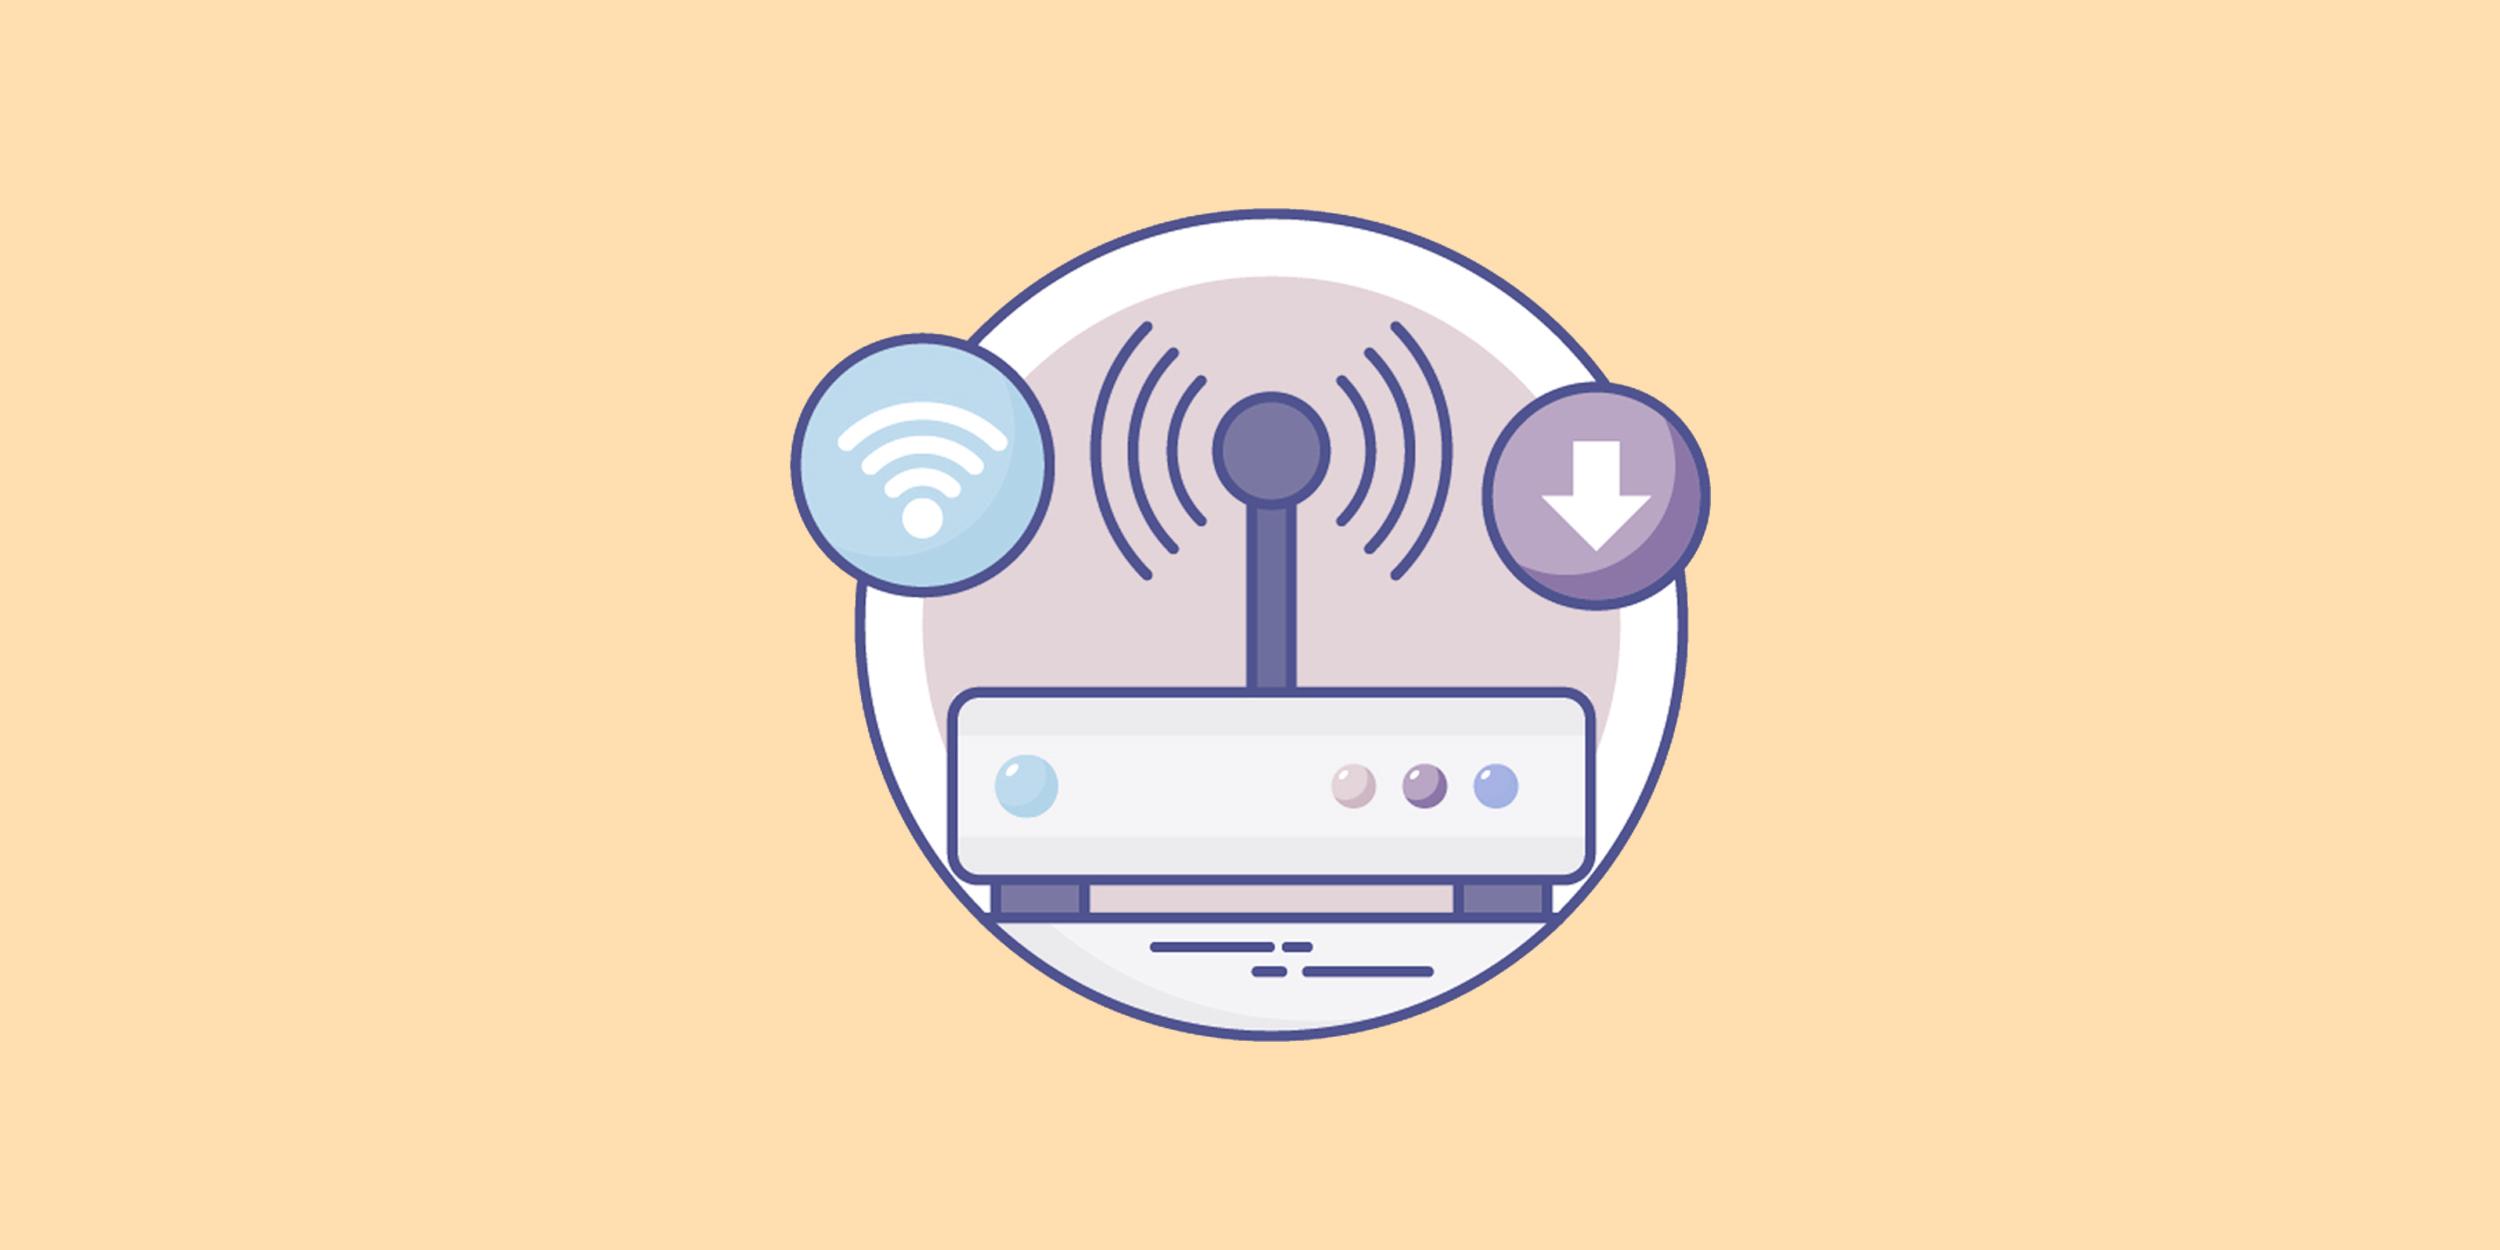 Как поменять пароль на роутере - Лайфхакер